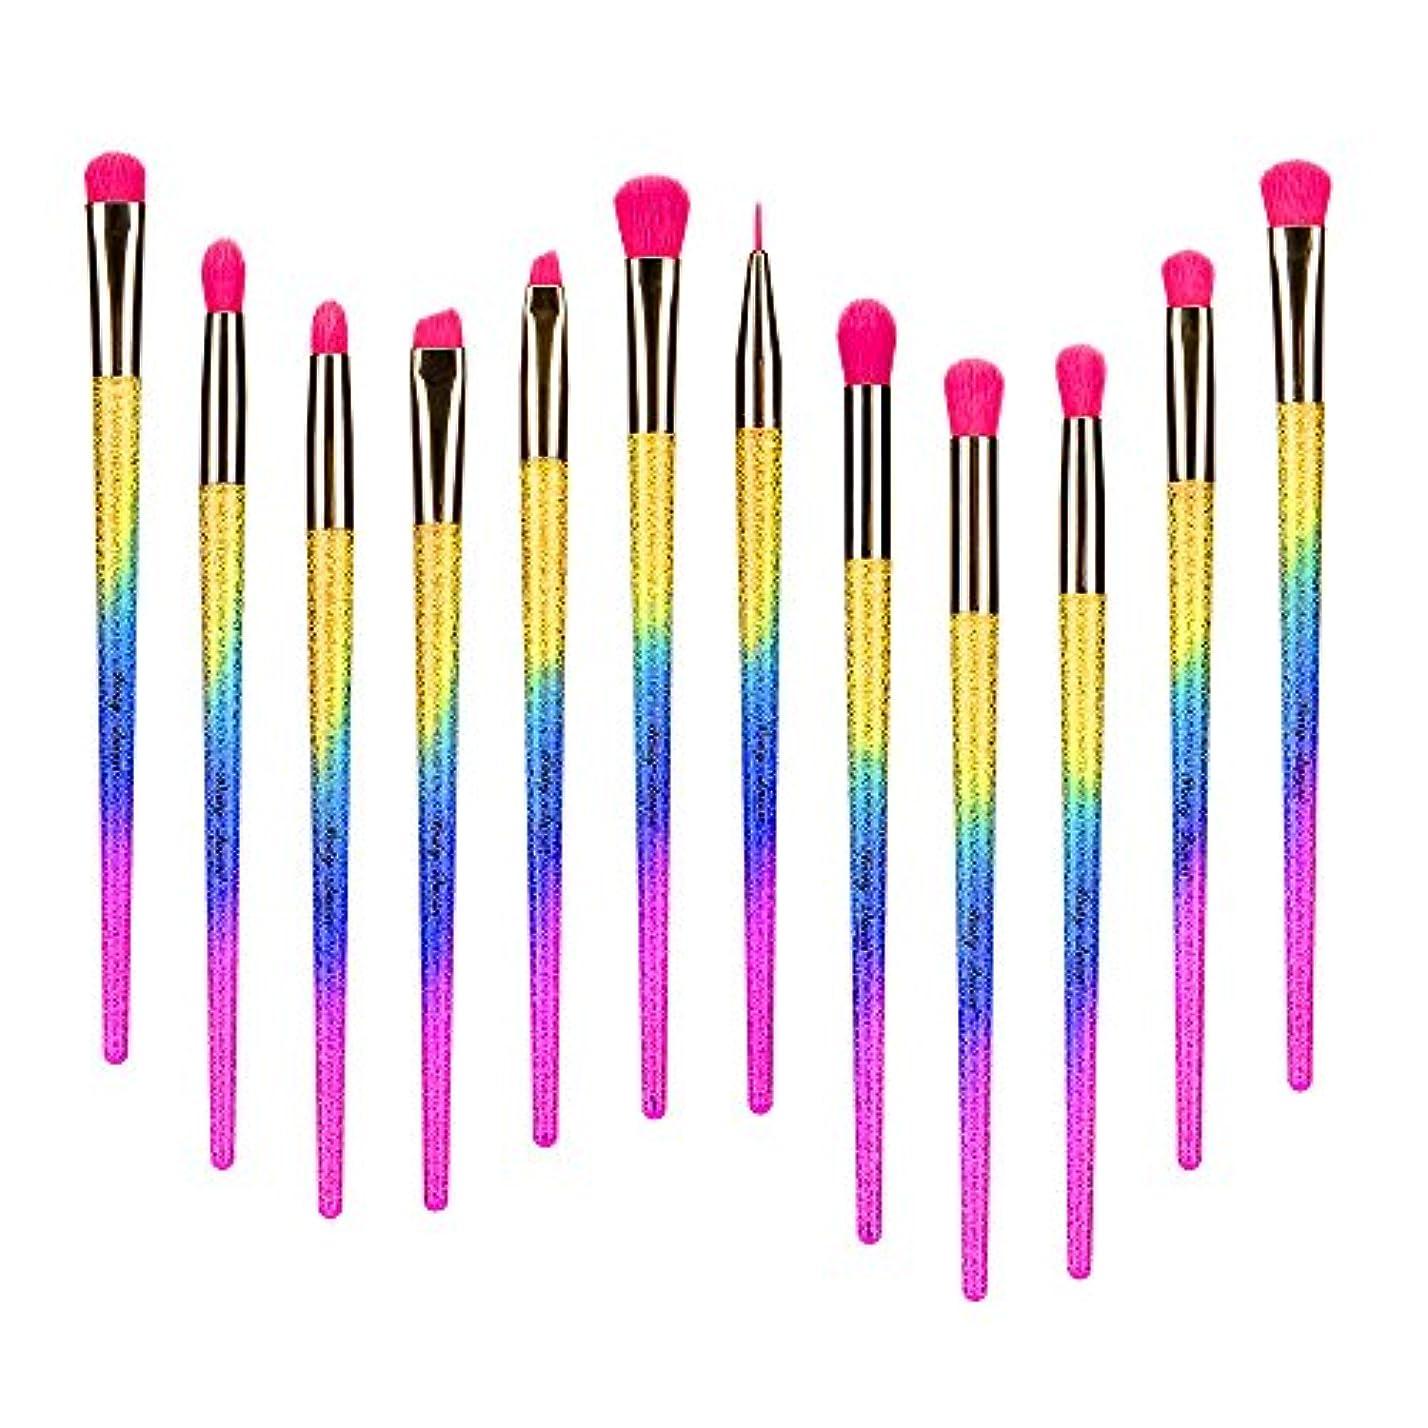 署名背の高い危険を冒しますメイクブラシ Party Queen 化粧筆 アイシャドウブラシ アイメイクブラシ 12本セット メイクアイシャドウブラシ メイク道具